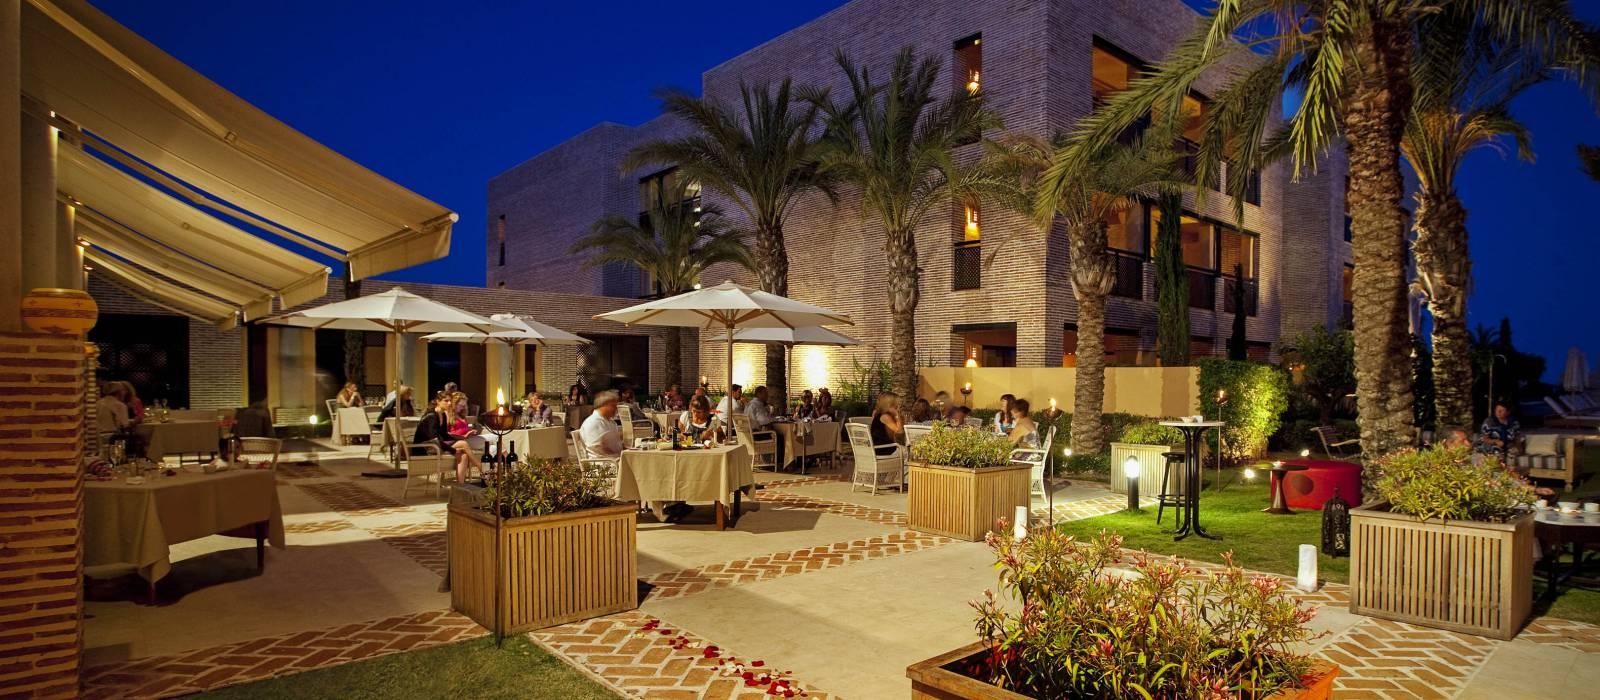 Ristorante El Mercado de Baraka Hotel Vincci Estrella de Mar